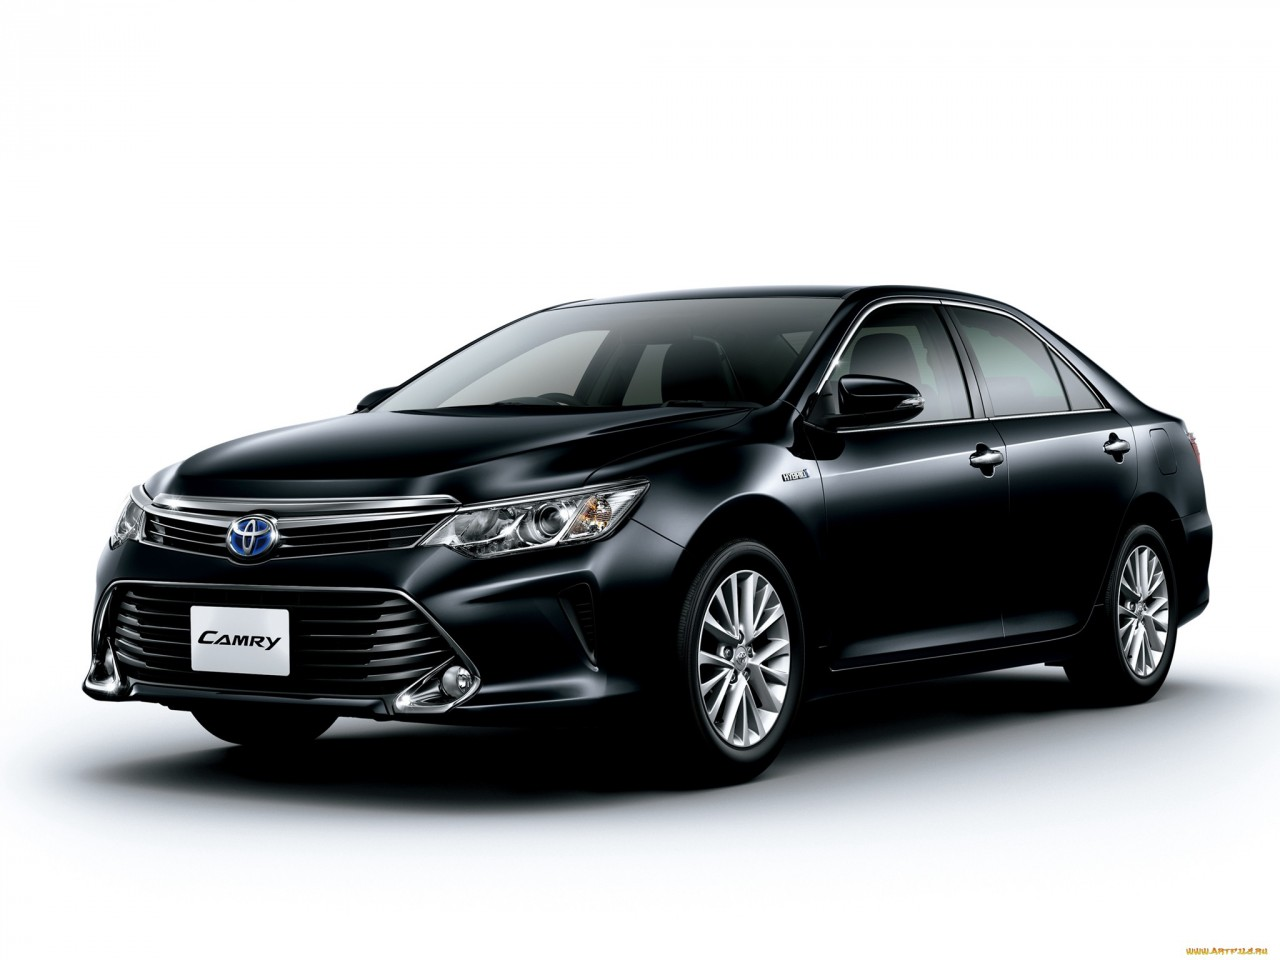 А вы знали как переводится Тойота, Хонда и др. названия японских авто?